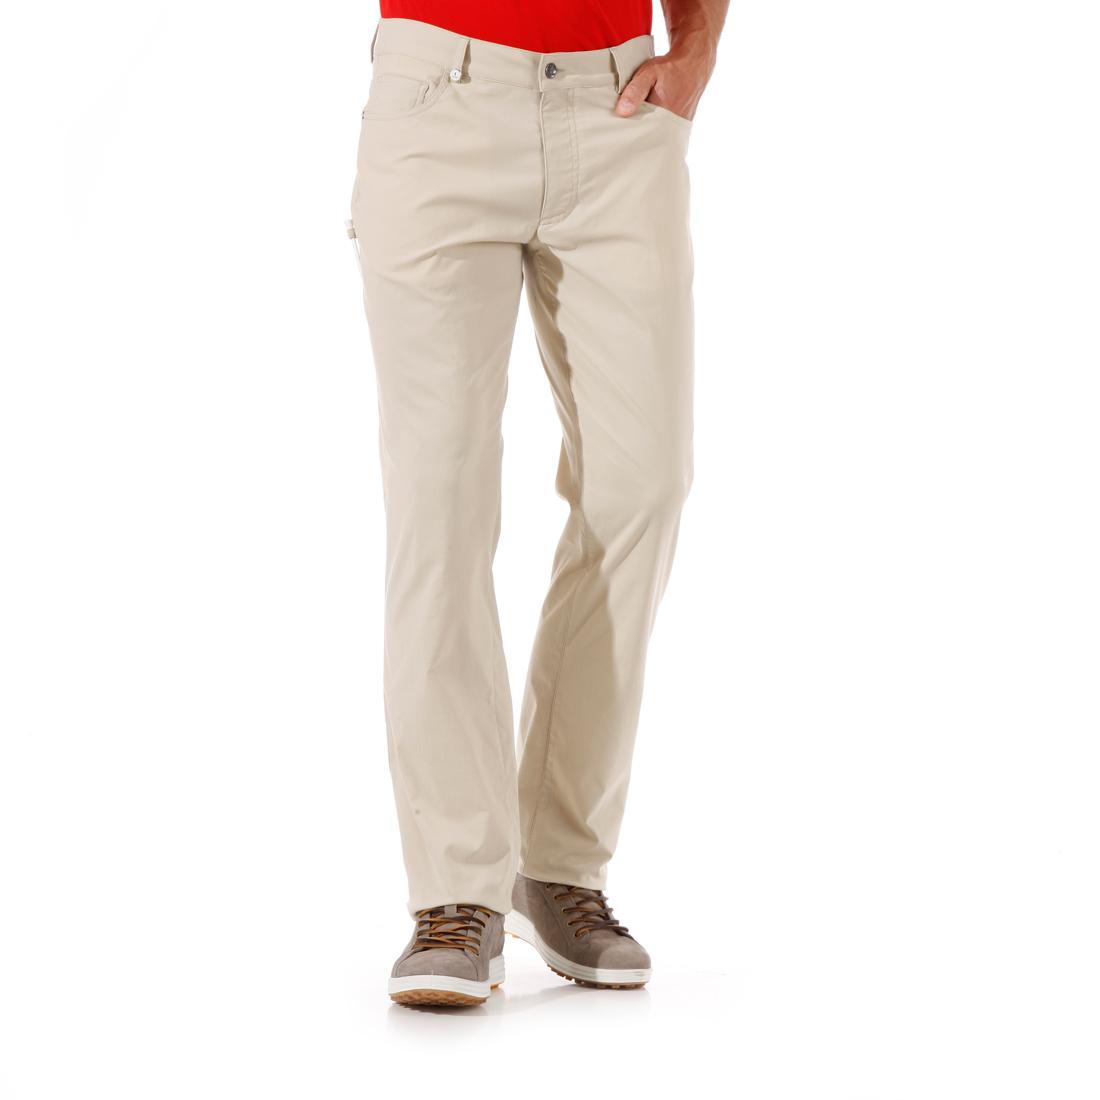 5 Pocket Techno Stretch Hose